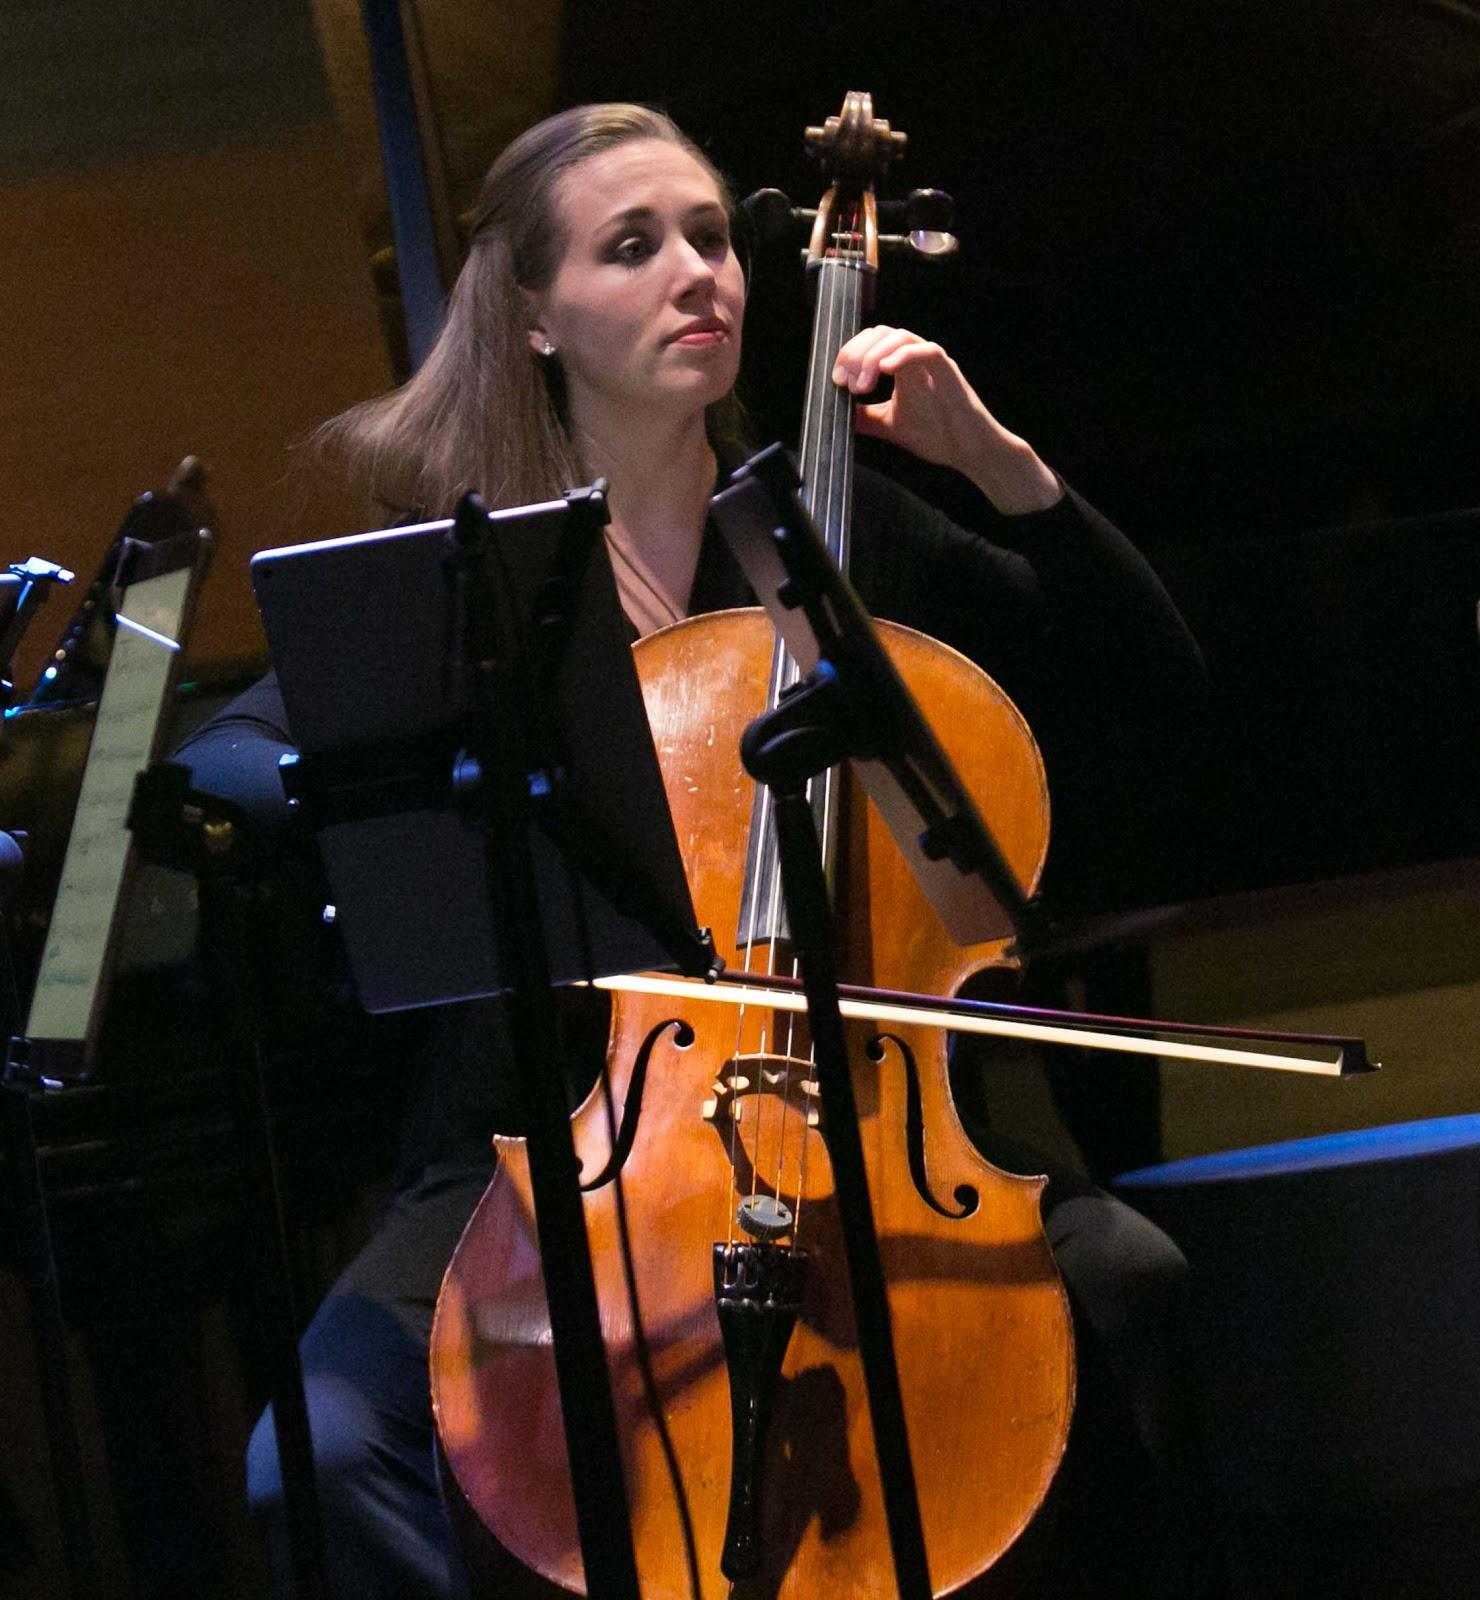 Cellist Rosanna Butterfield